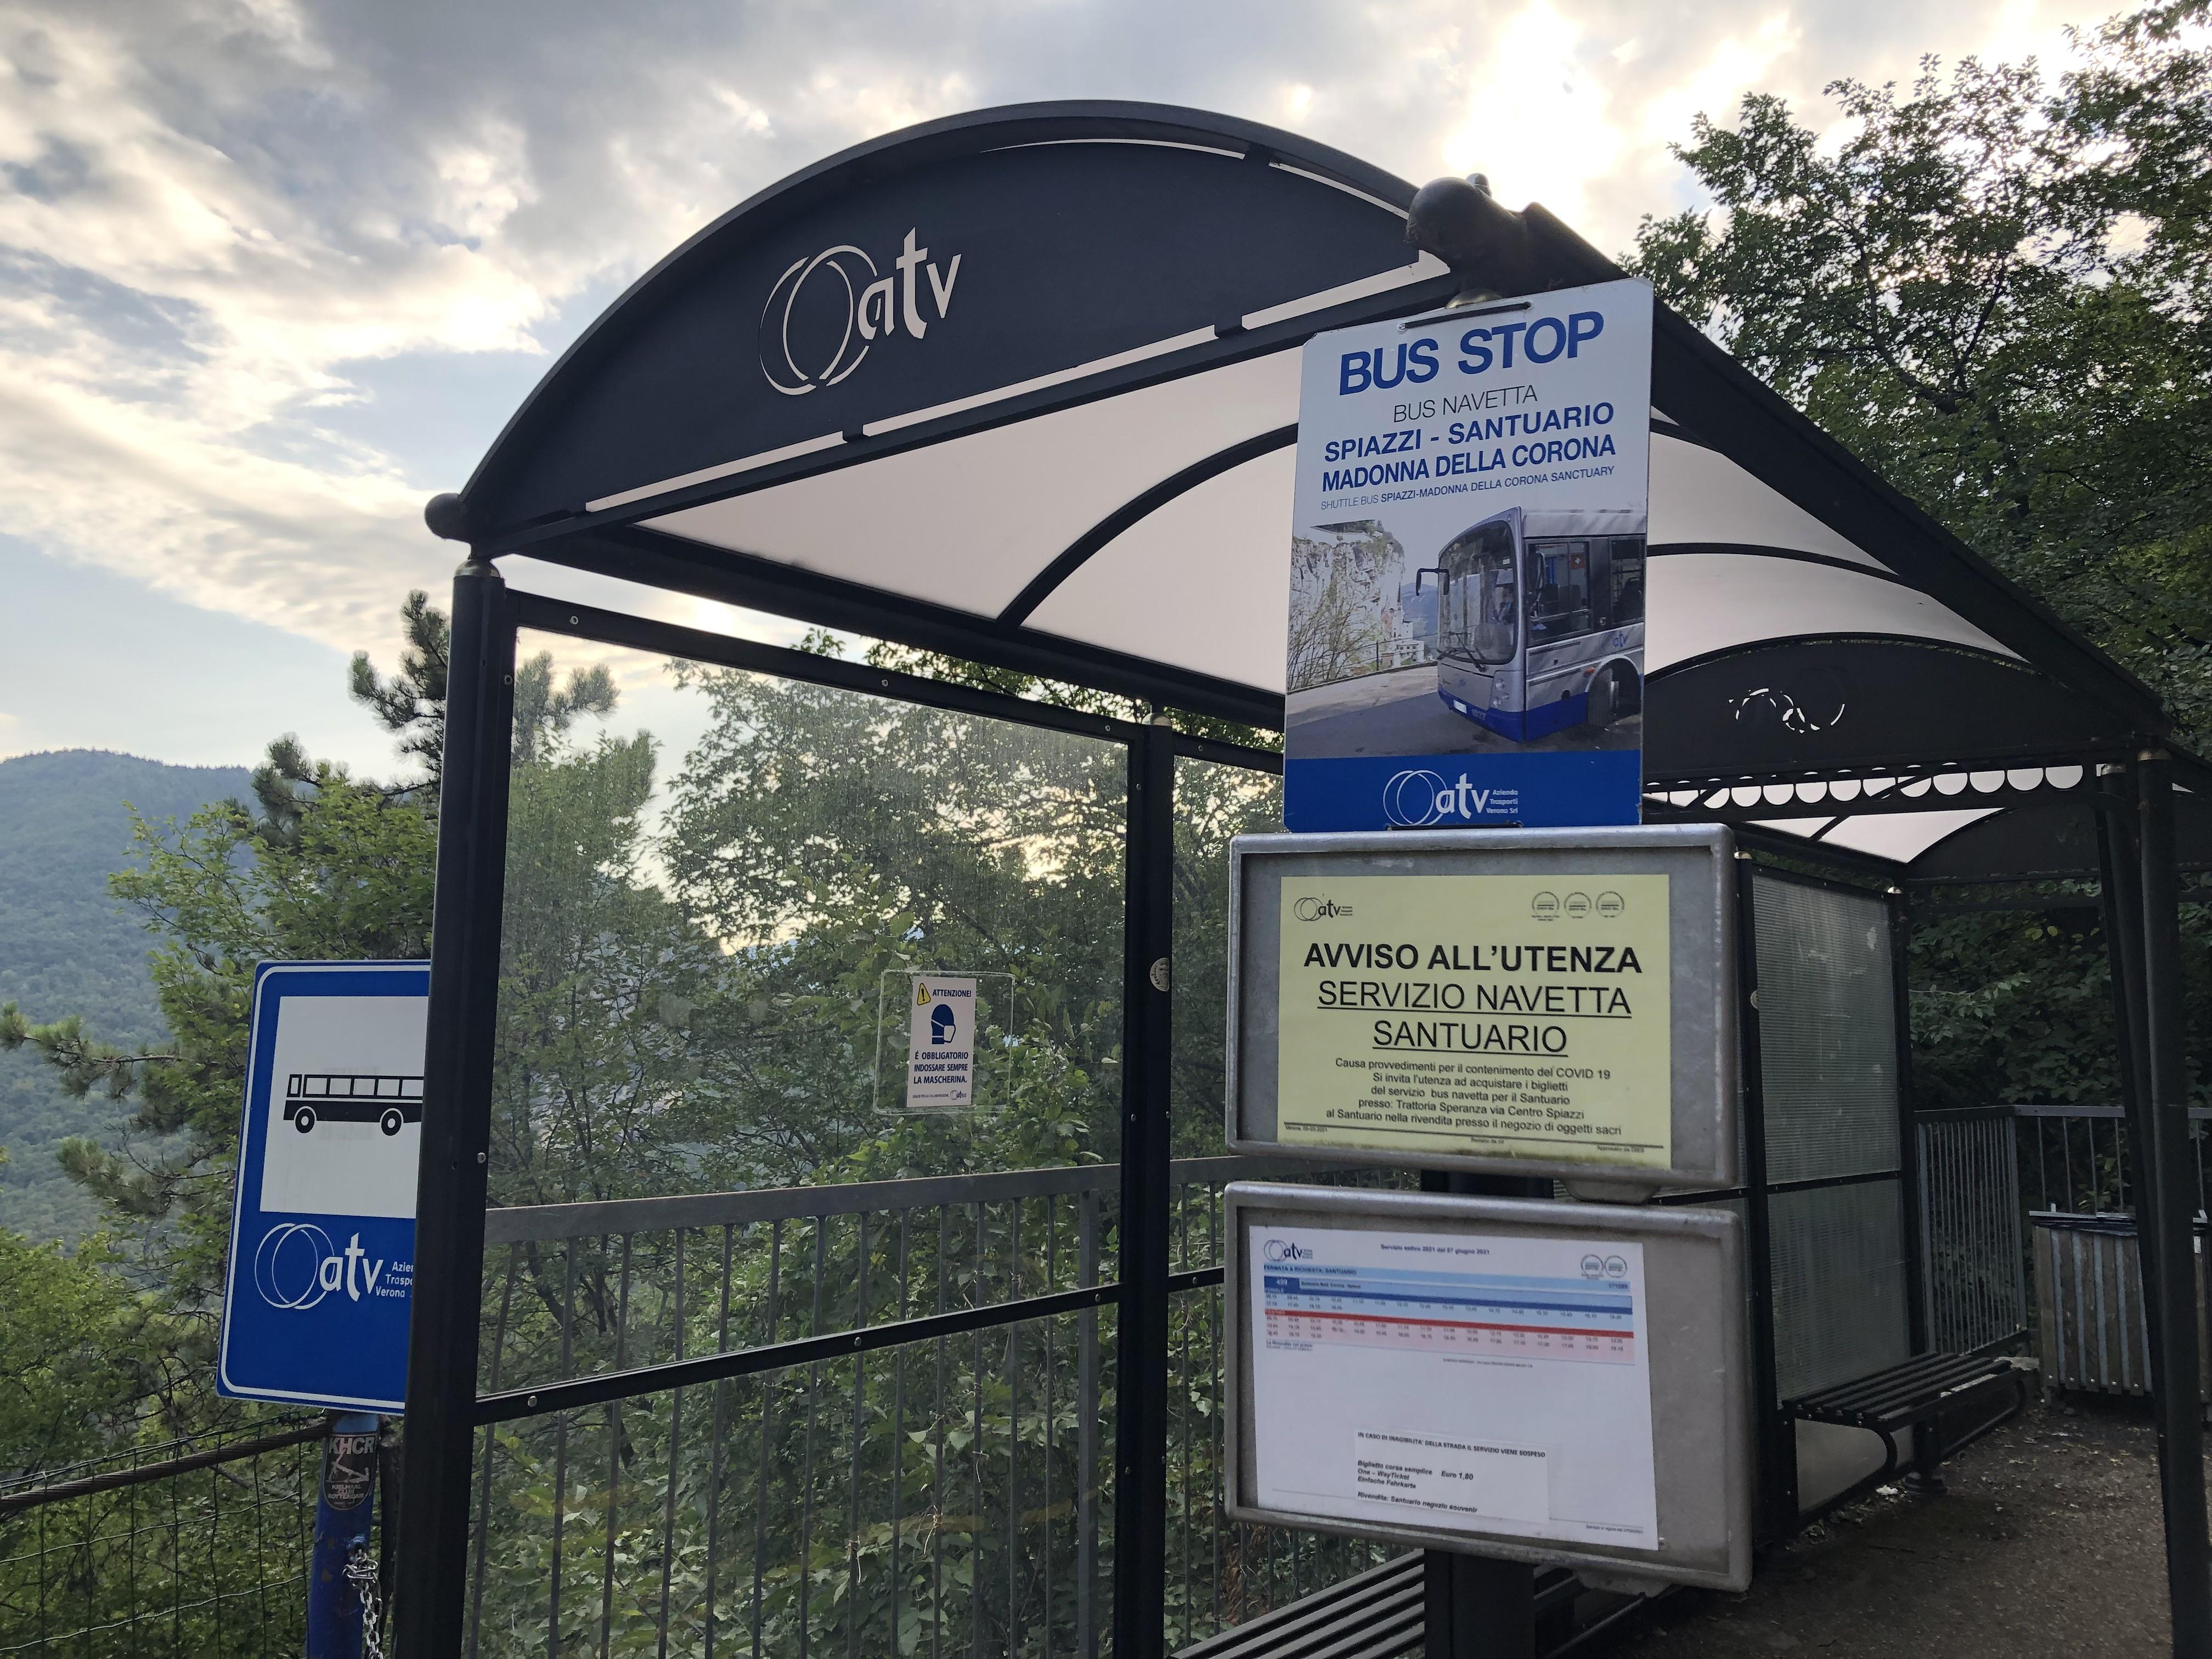 Italia - Italy - Casale Management - Travel - Veneto - Ferrara di Monte Baldo - Verona - Lago di Garda - Santuario Madonna della Corona - Fermata bus